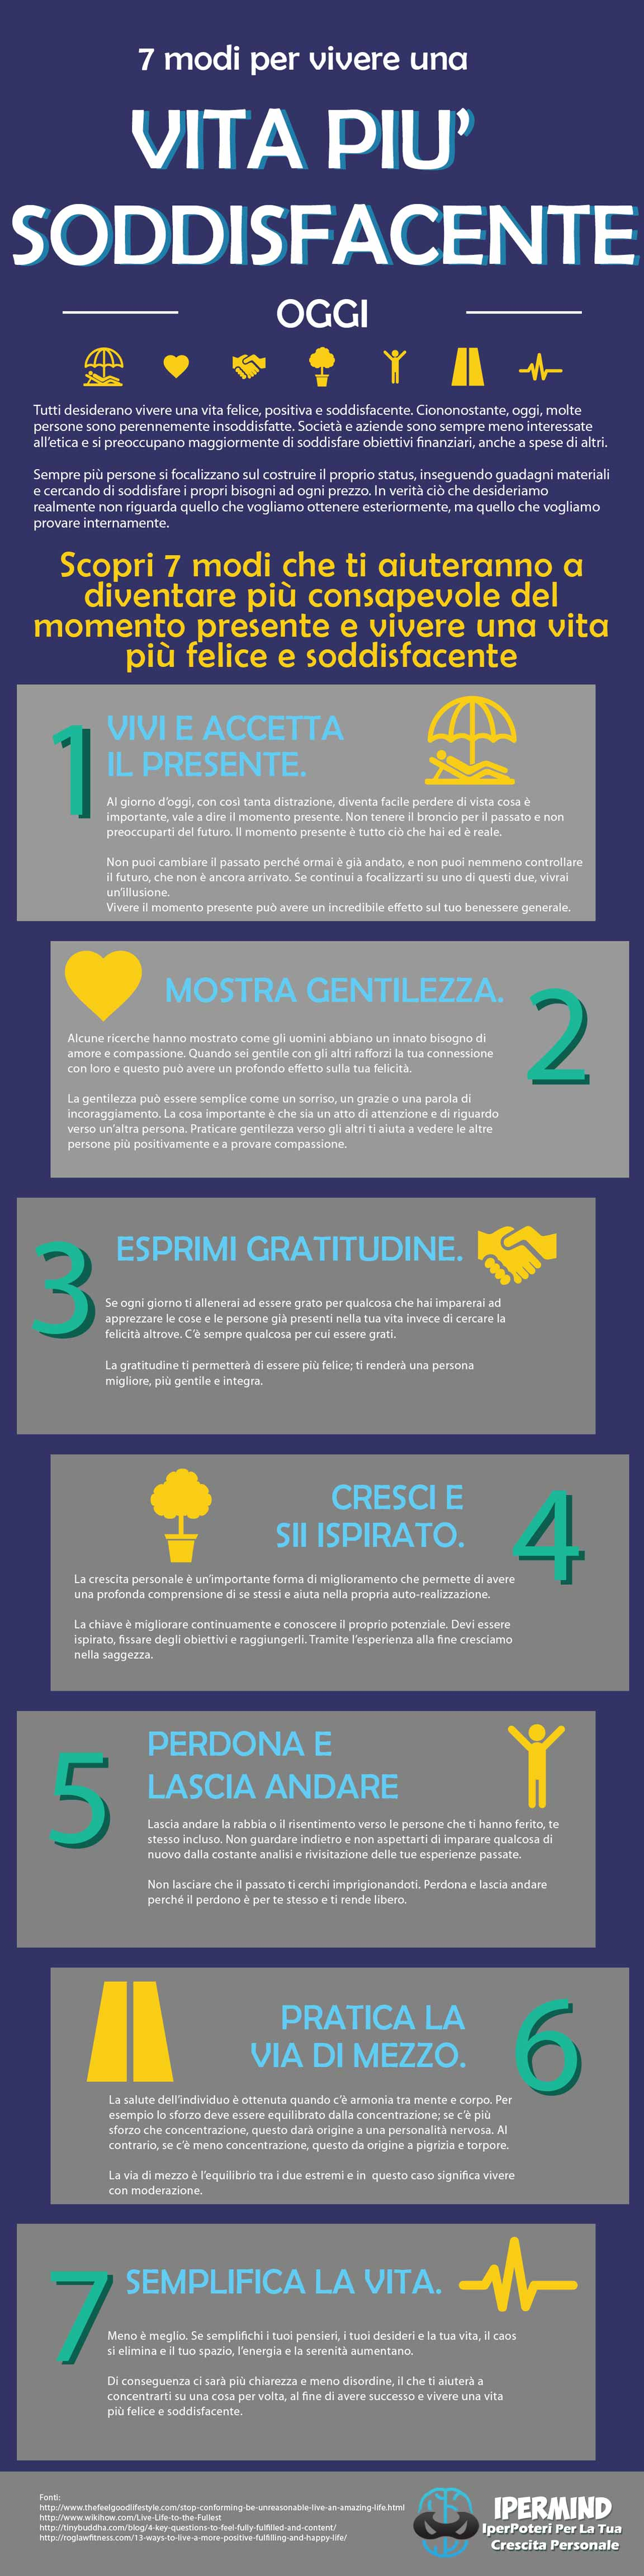 7 modi per vivere una vita soddisfacente   IperMind